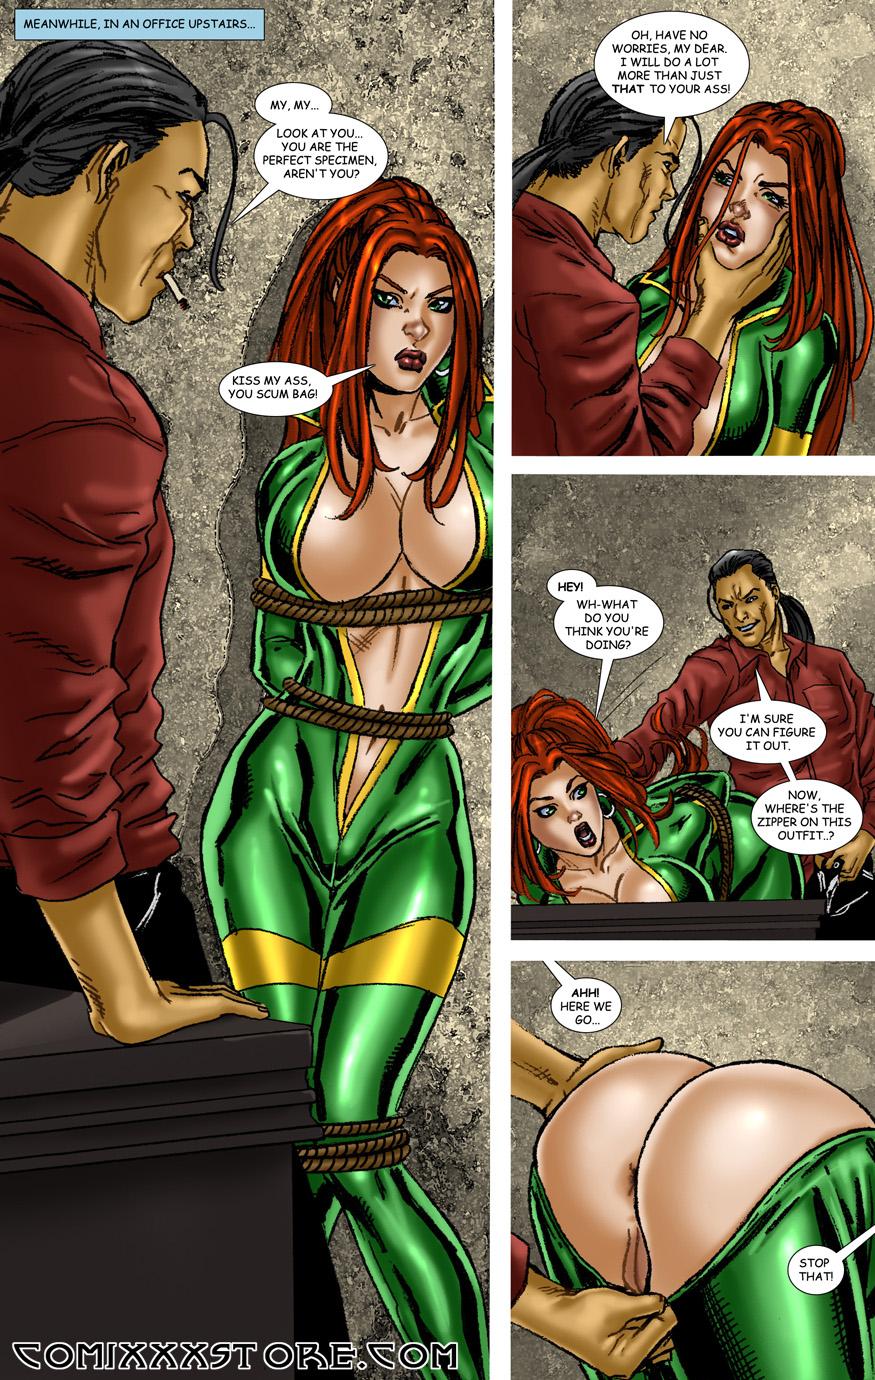 Opinion Naked fantasy superheroine porn interesting phrase